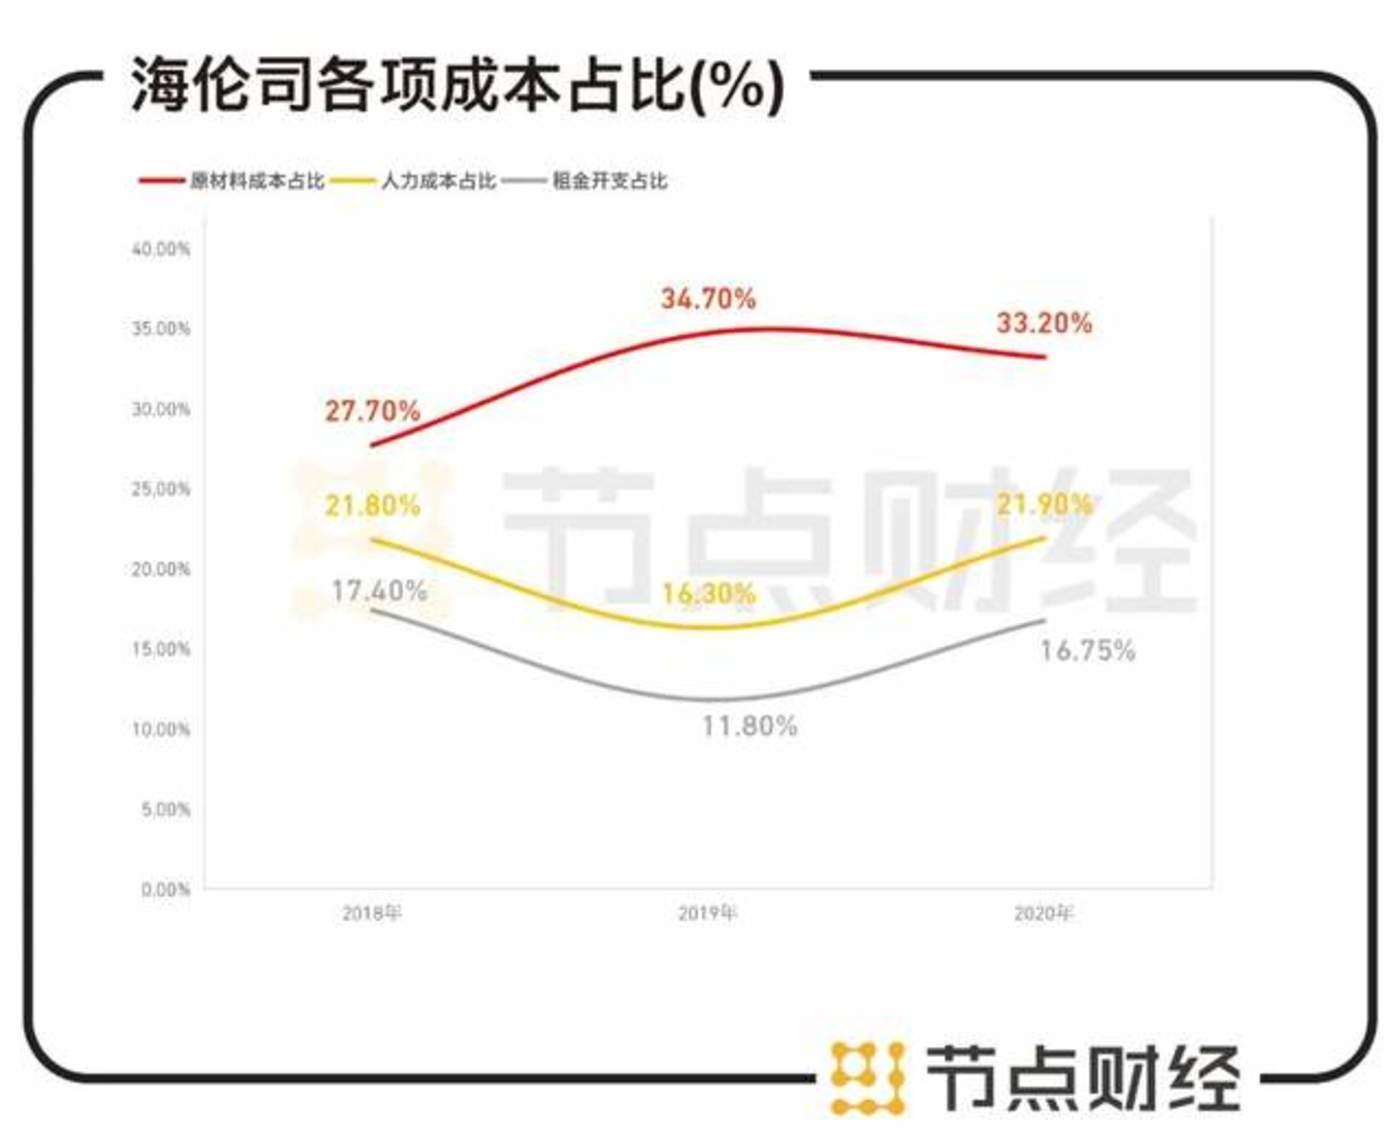 数据来源:海伦司招股书、华创证券